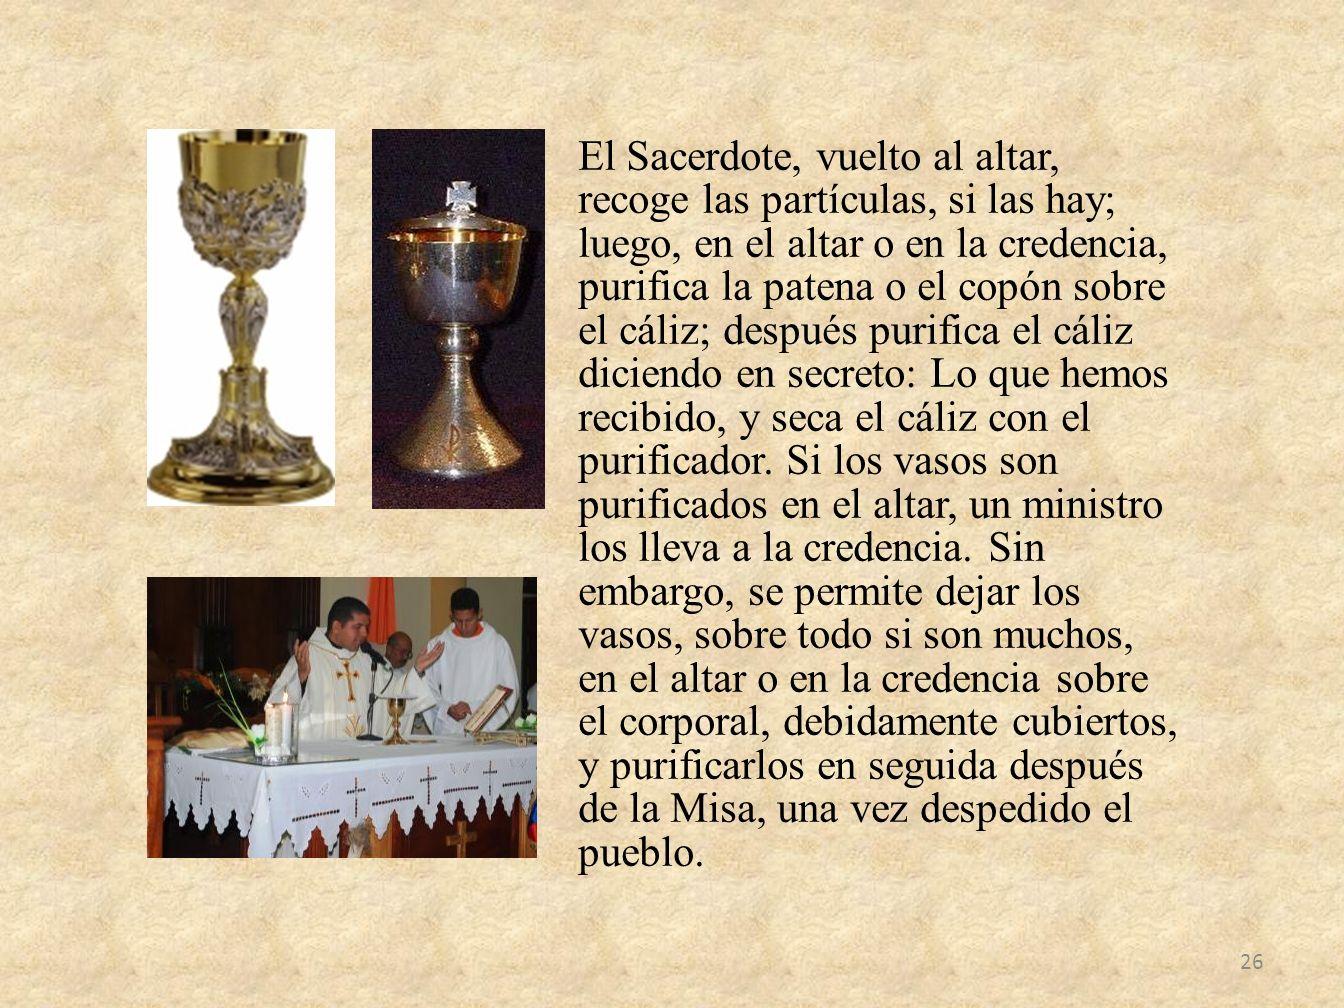 El Sacerdote, vuelto al altar, recoge las partículas, si las hay; luego, en el altar o en la credencia, purifica la patena o el copón sobre el cáliz;